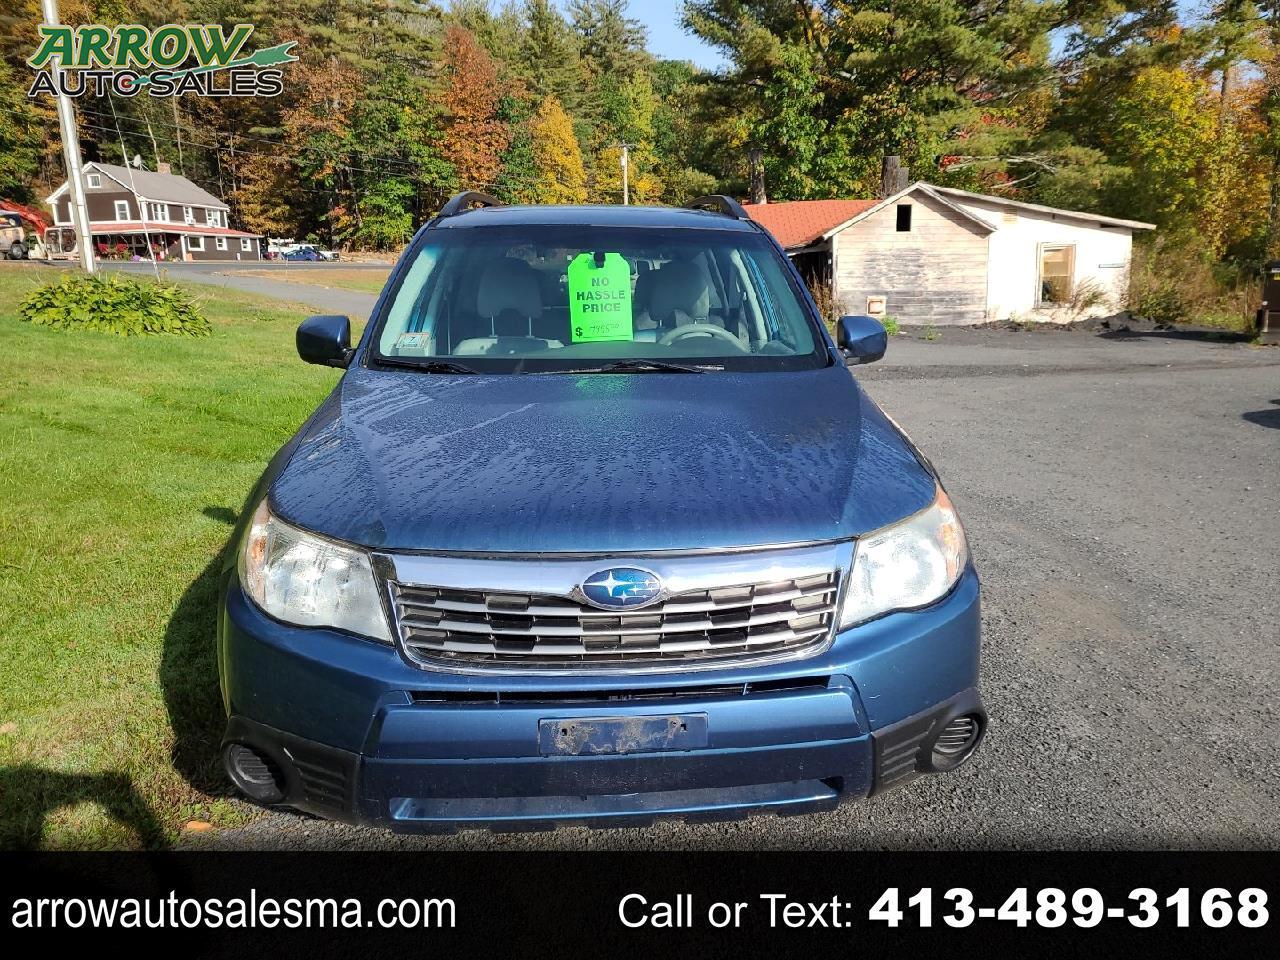 Subaru Forester 2.0 XT Premium 2009